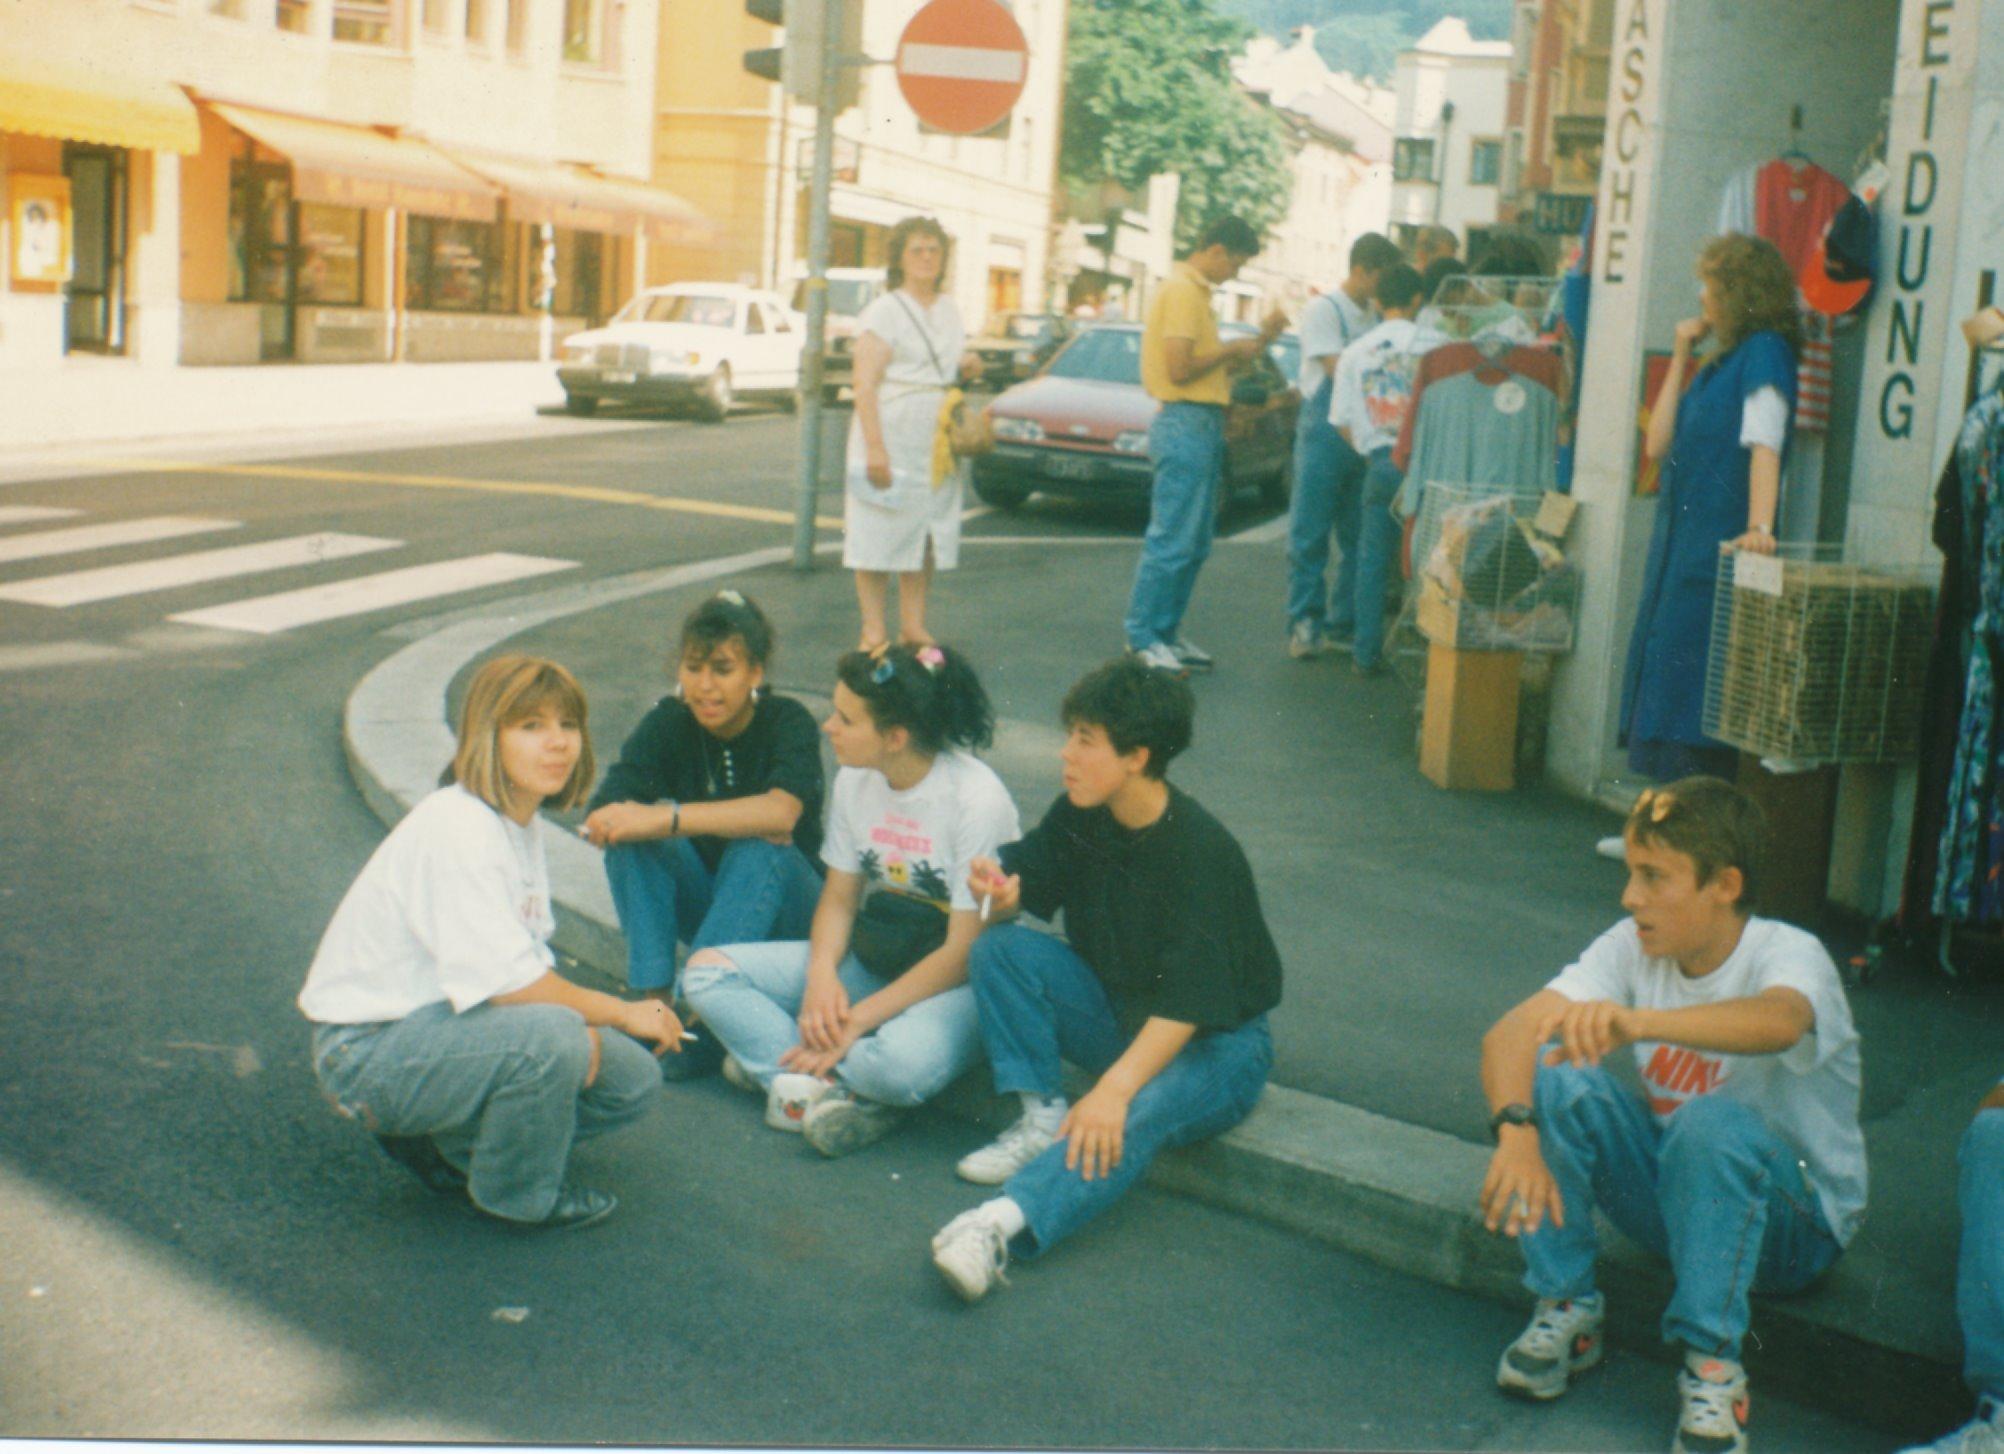 Archives anciens élèves mfr puy-sec 1989 (2)